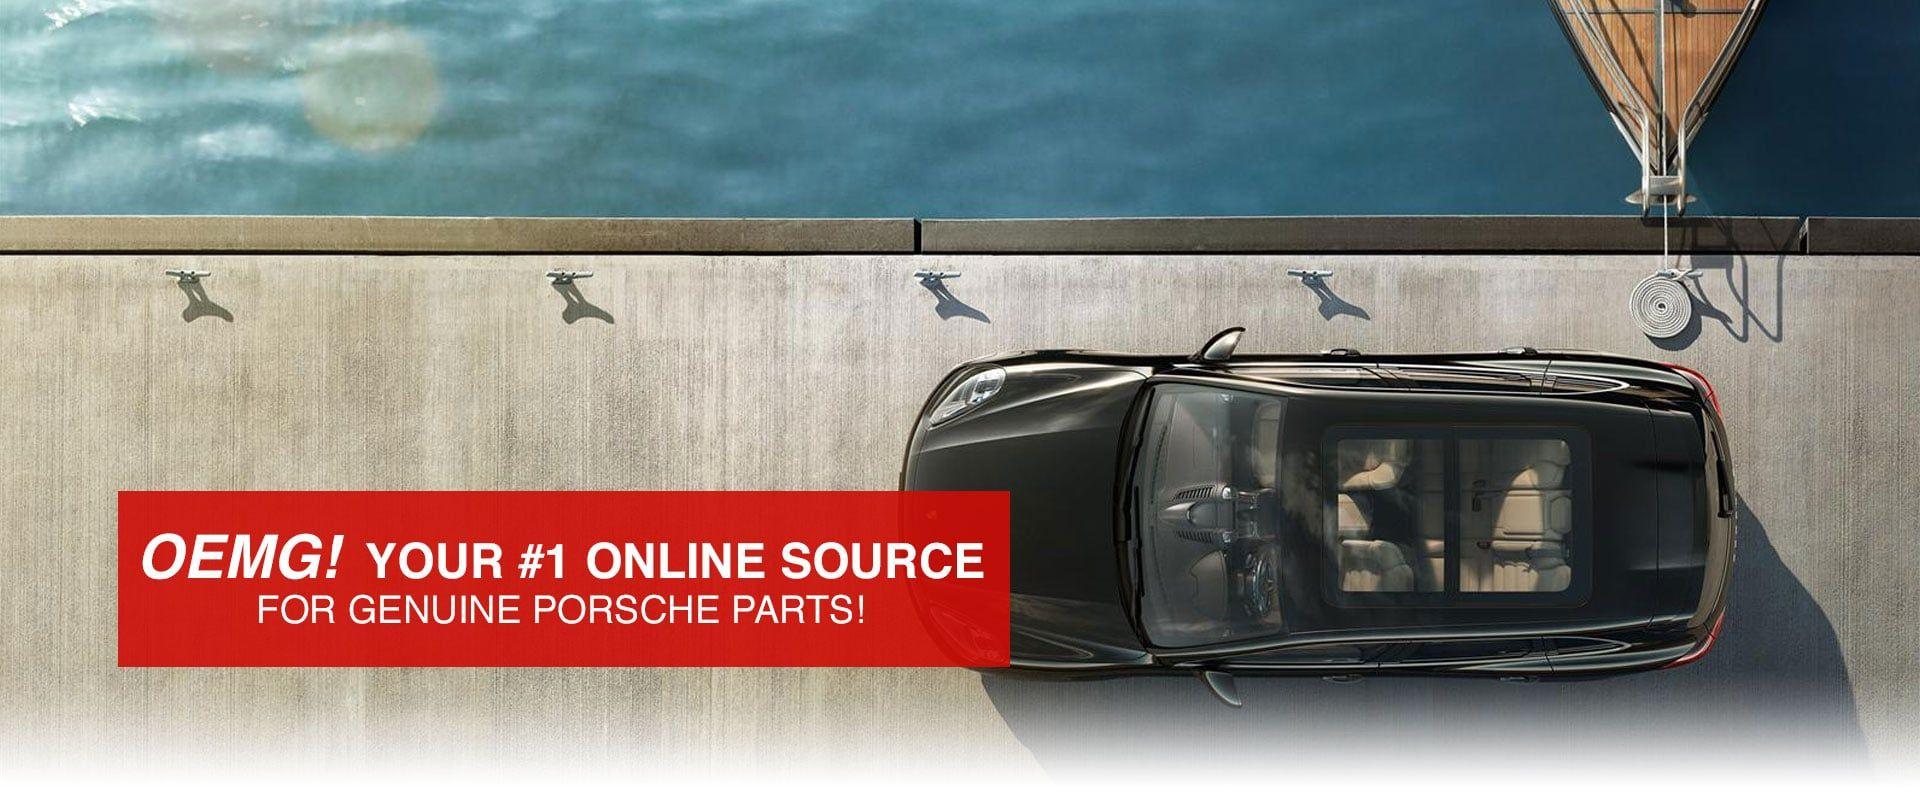 Genuine Porsche Parts